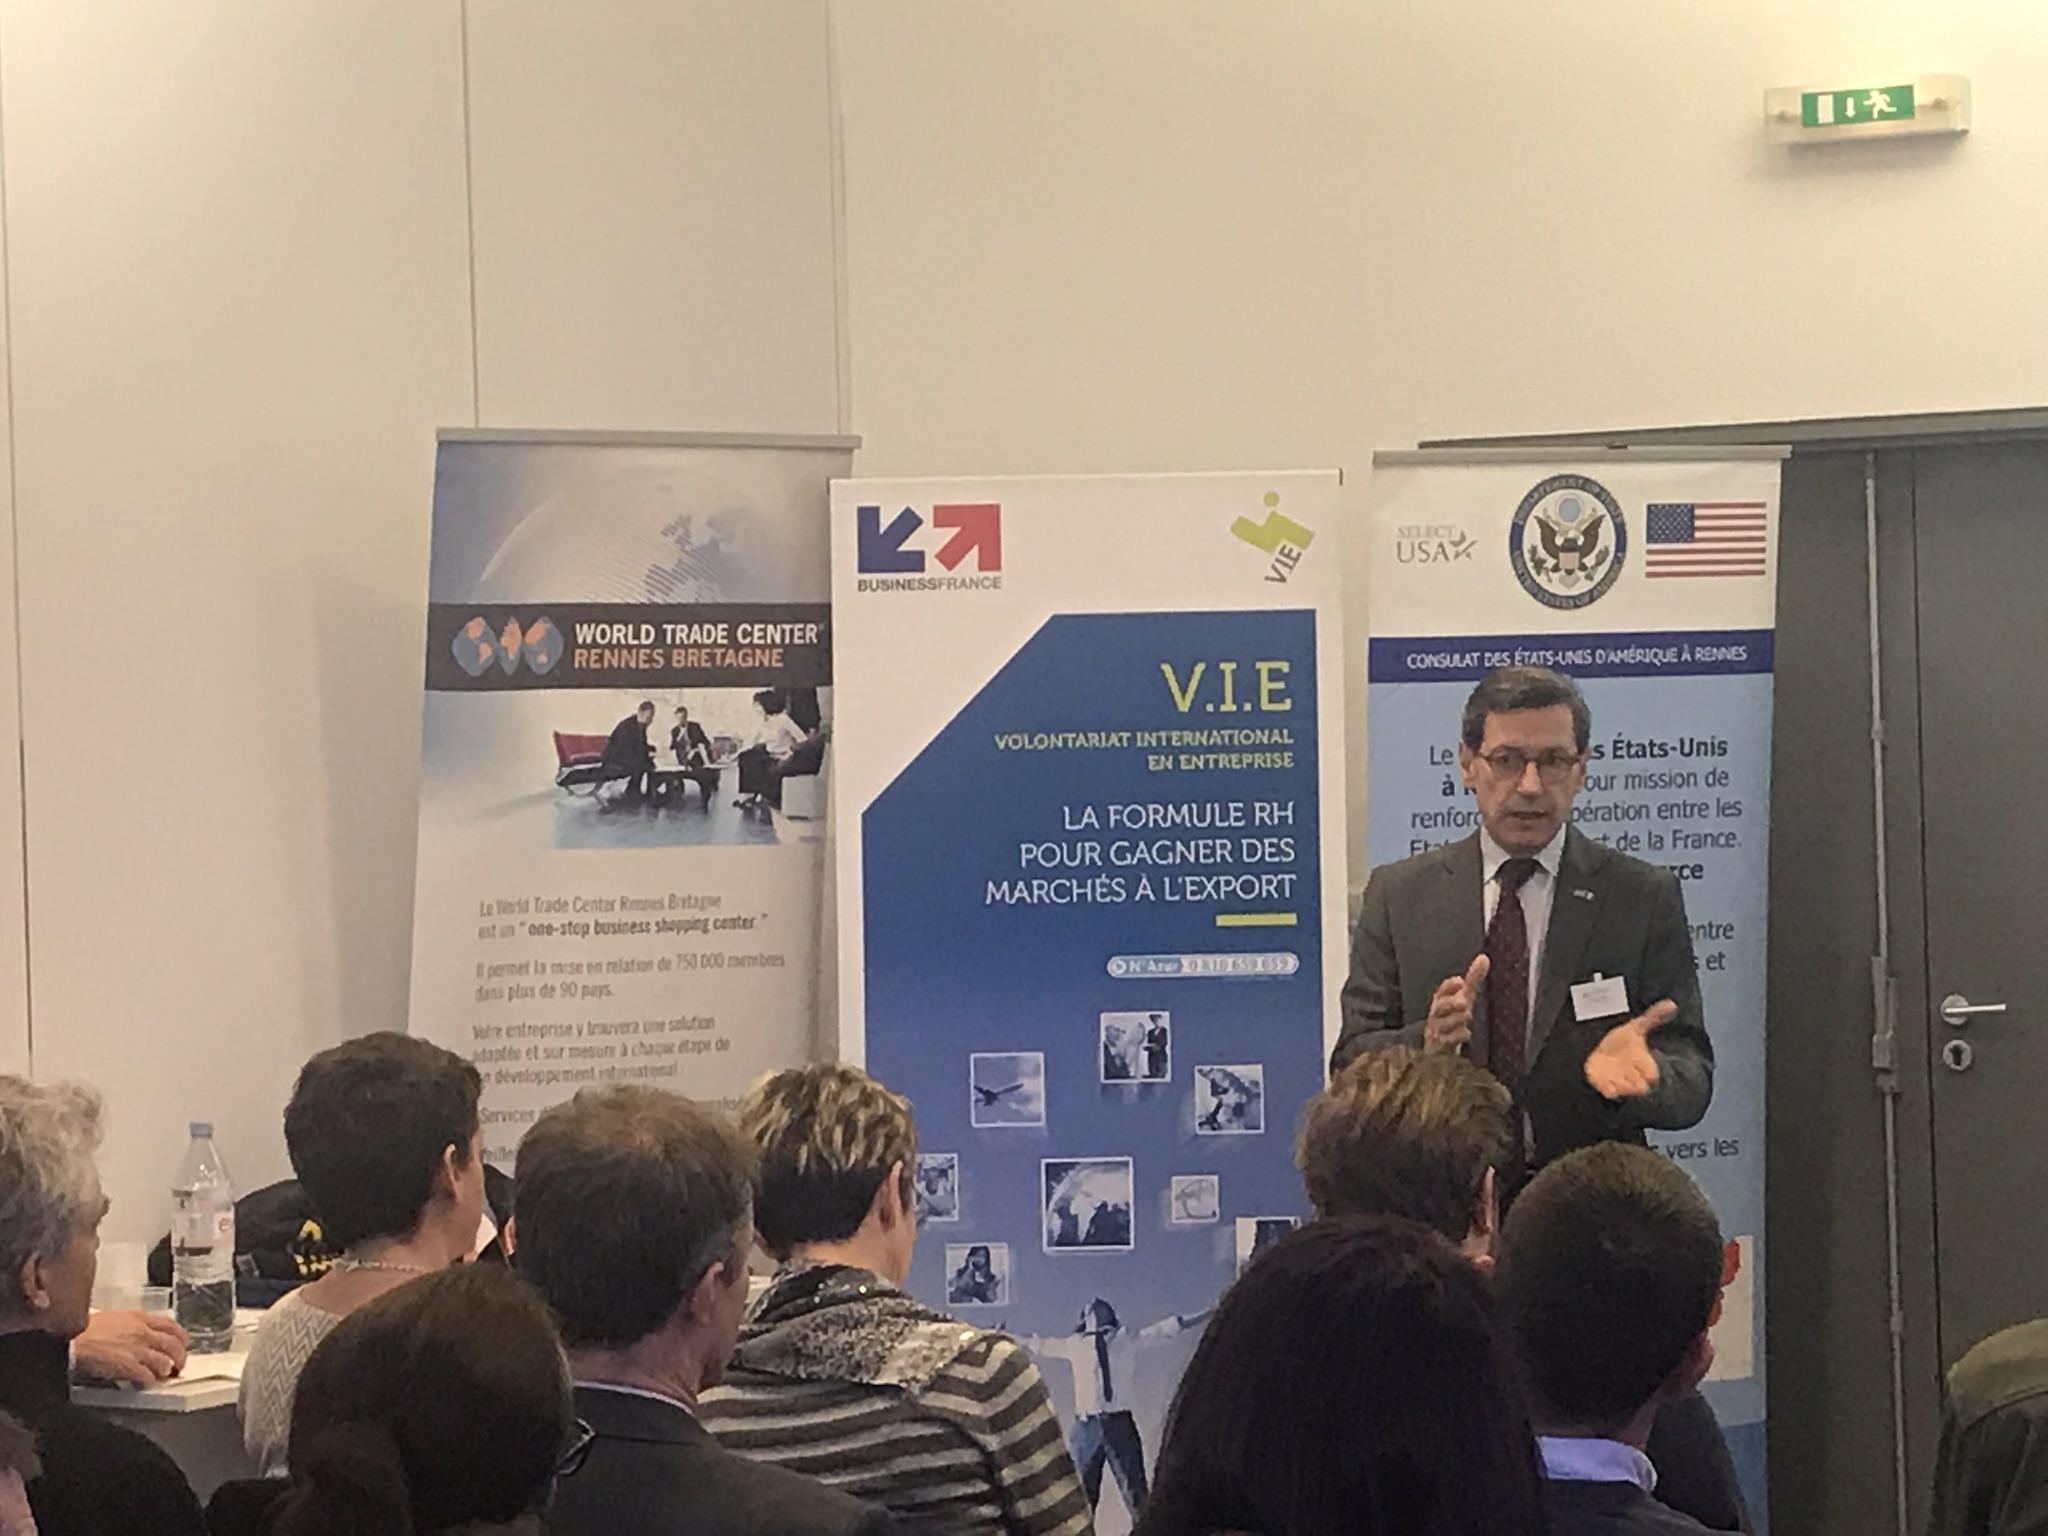 intervenant durant la conférence USA organisée par le WTC